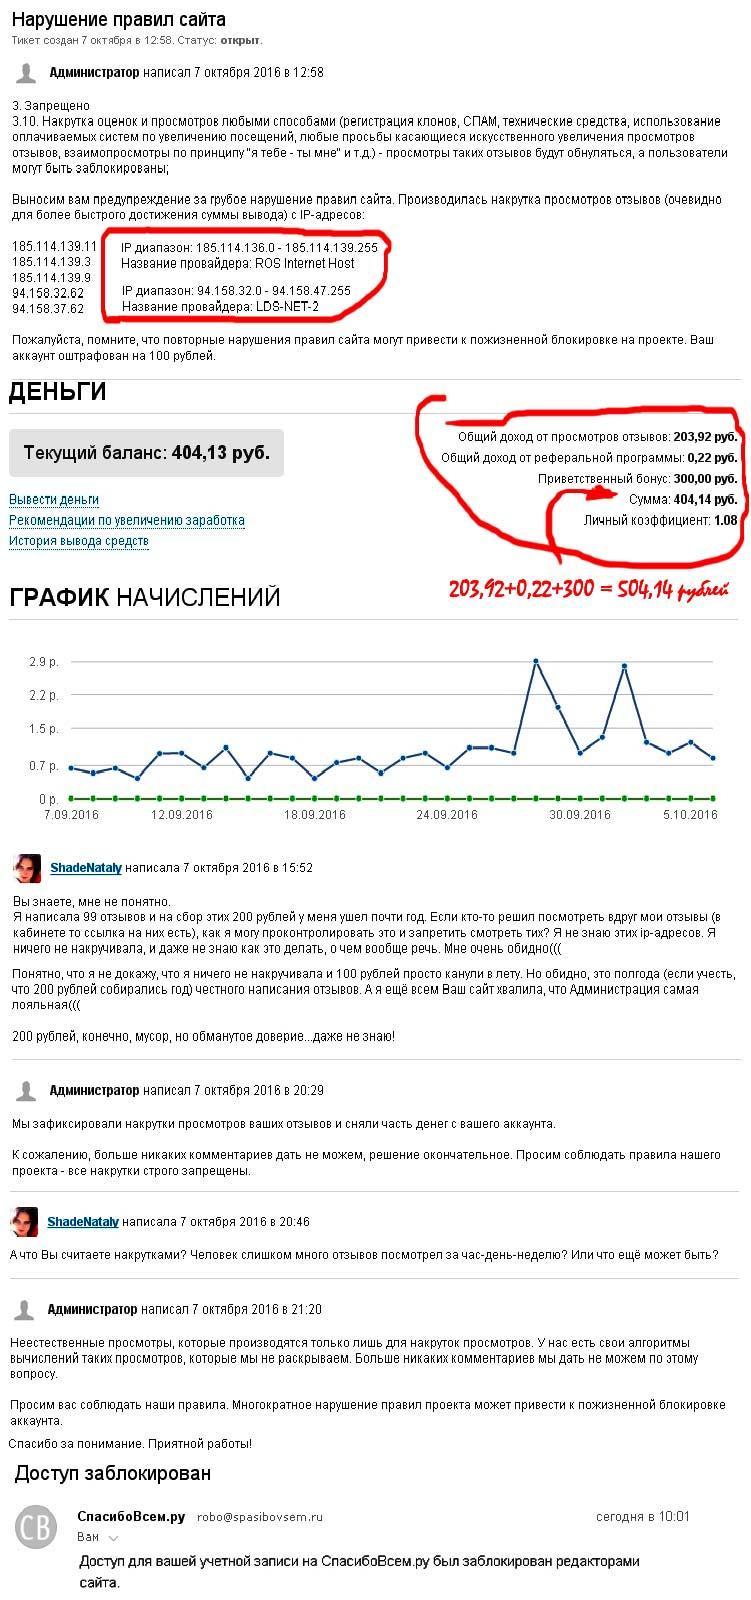 Лохотрон spasibovsem.ru